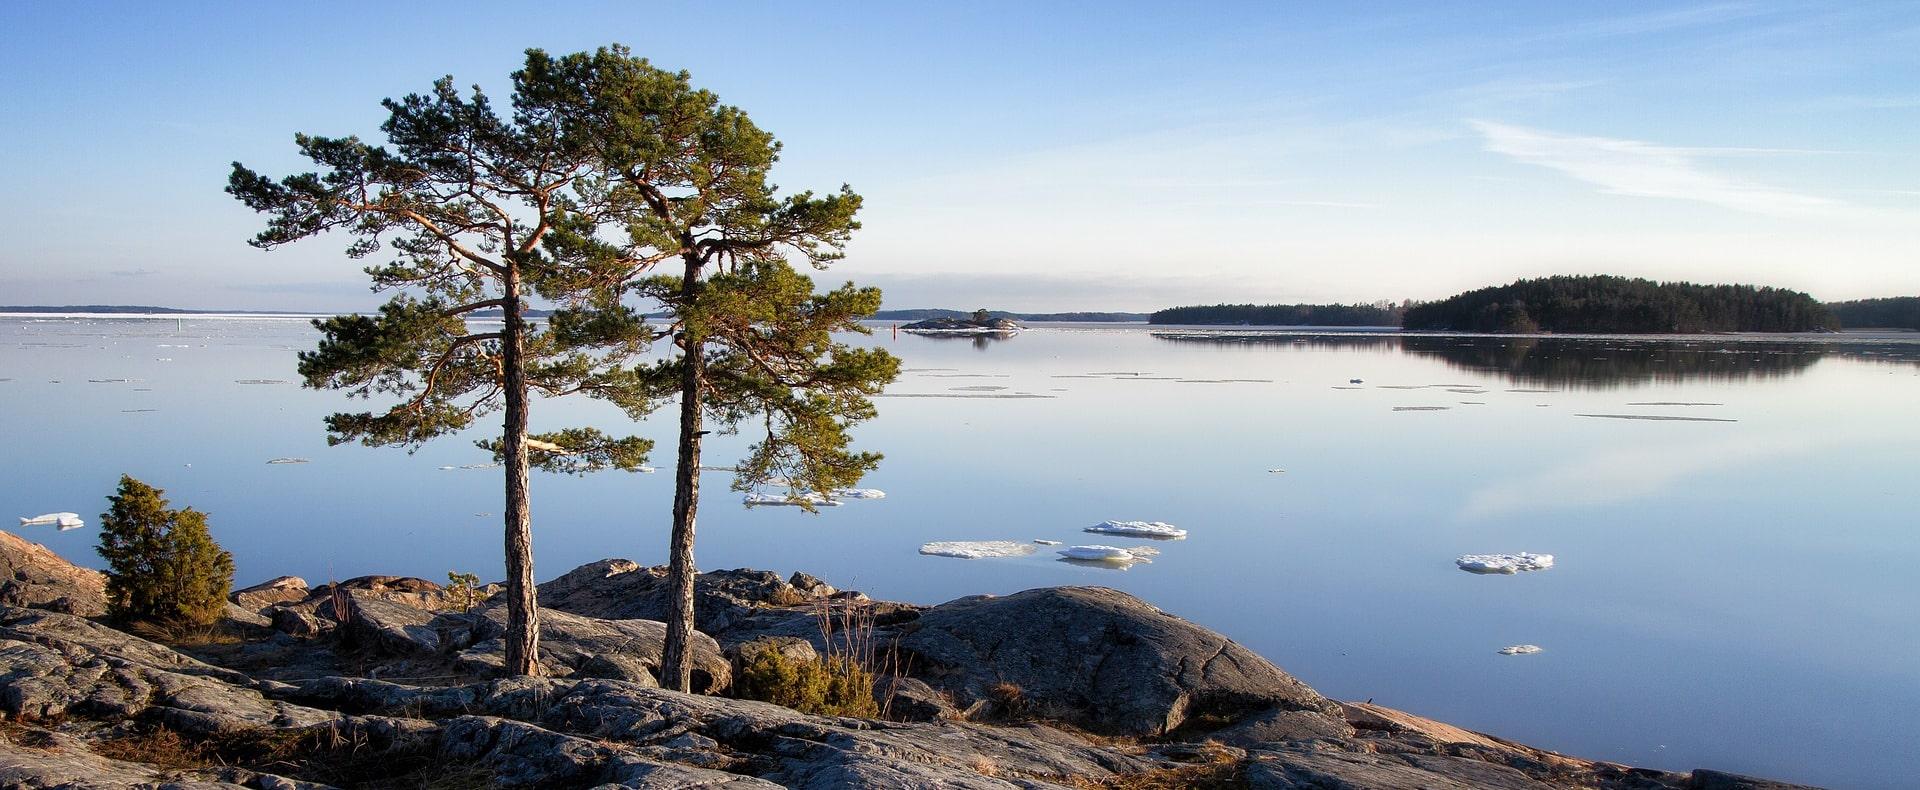 Archipelago National Park, Finland